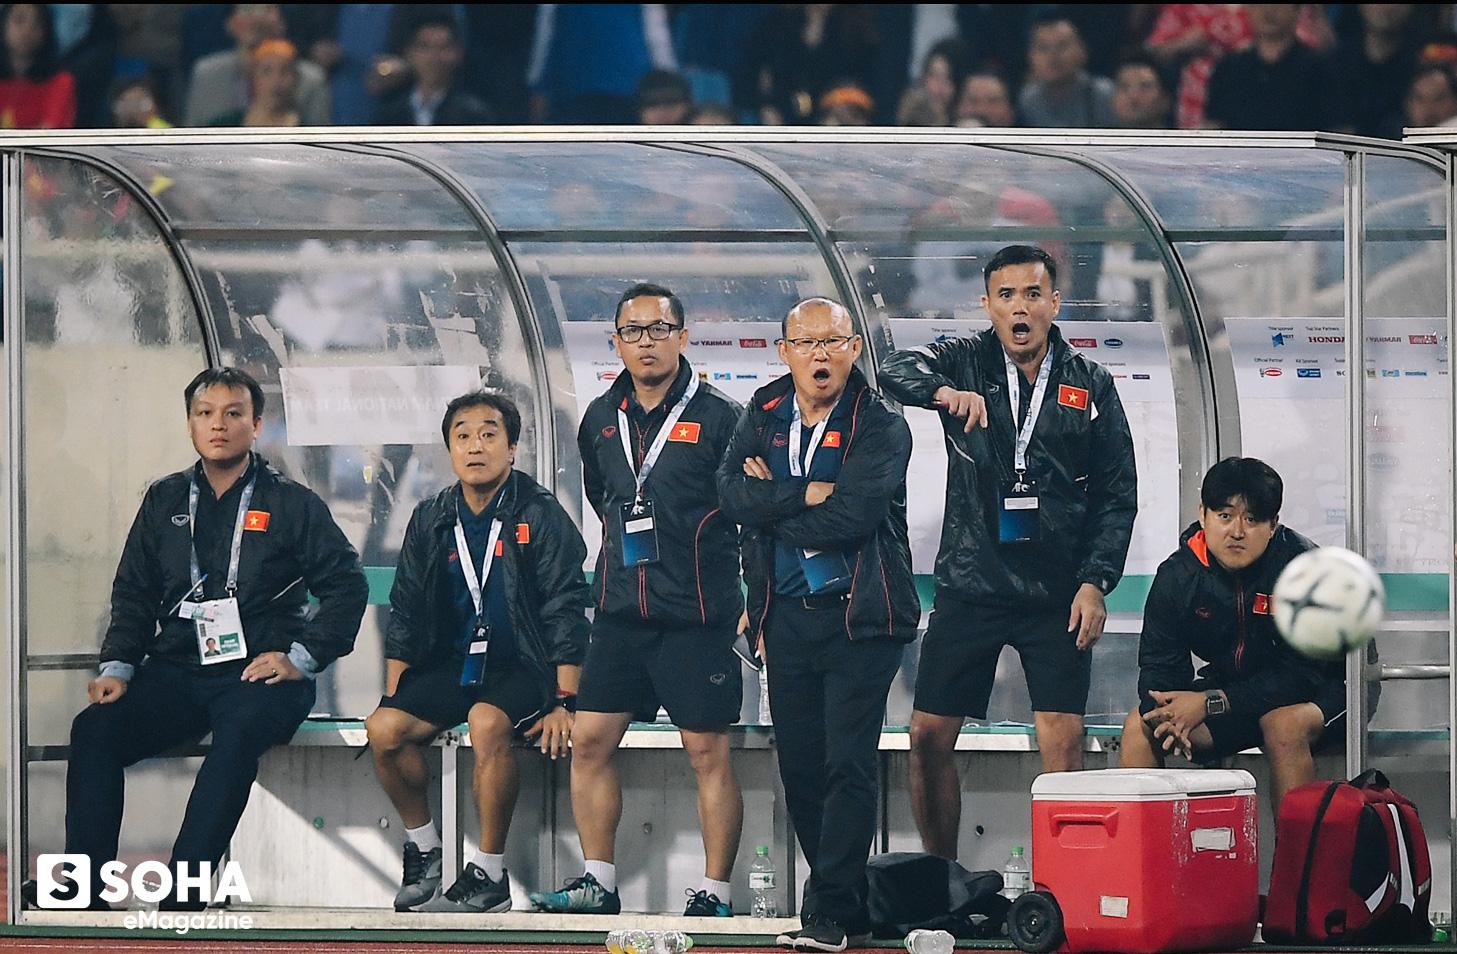 Trợ lý ngôn ngữ Lê Huy Khoa: Ông Park từng phát bực vì sự im lặng của cầu thủ Việt Nam - Ảnh 2.